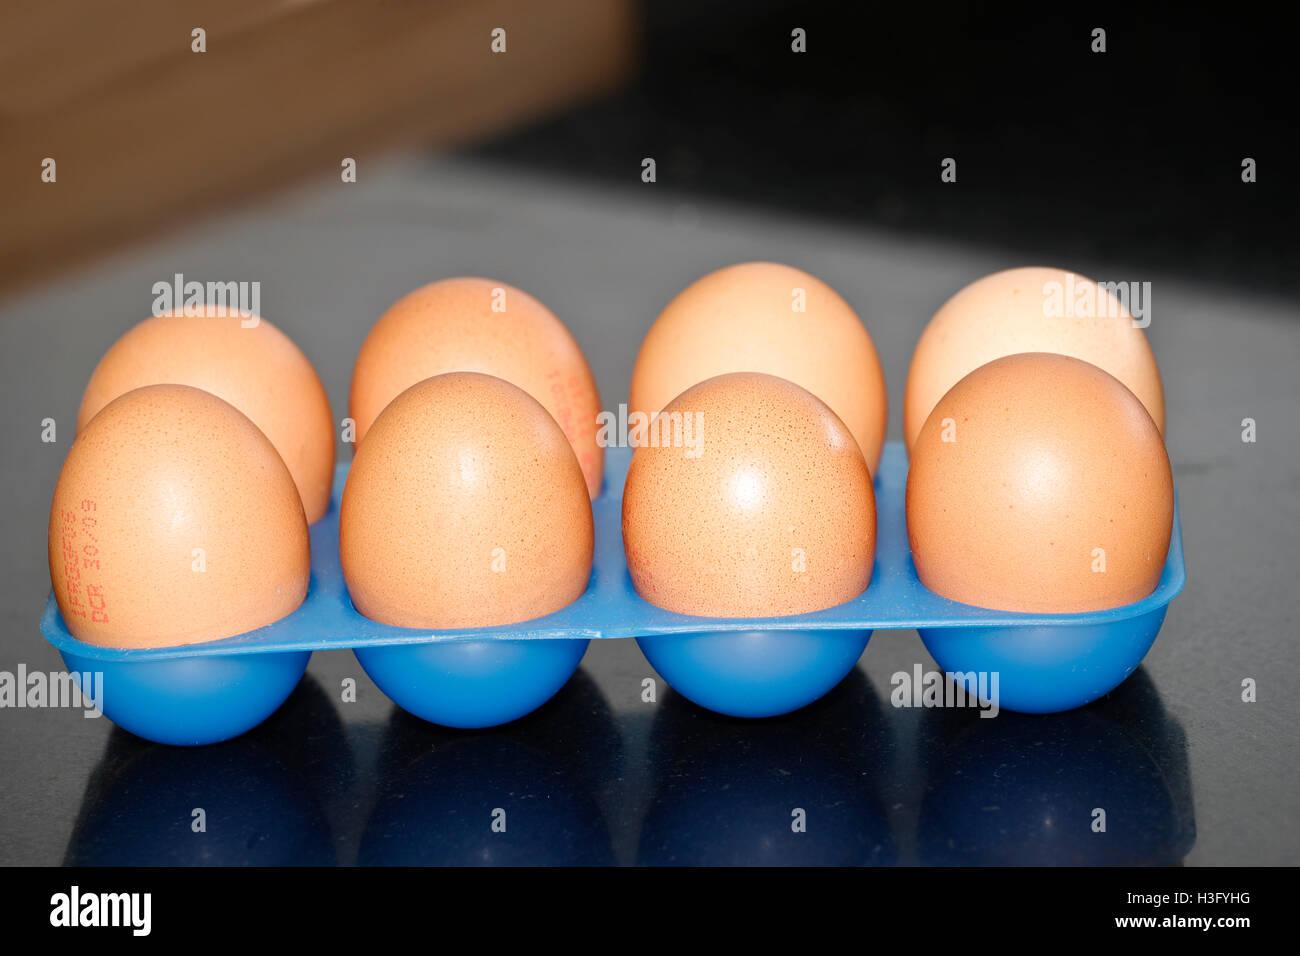 8 uova in una plastica blu contenitore porta uovo Immagini Stock